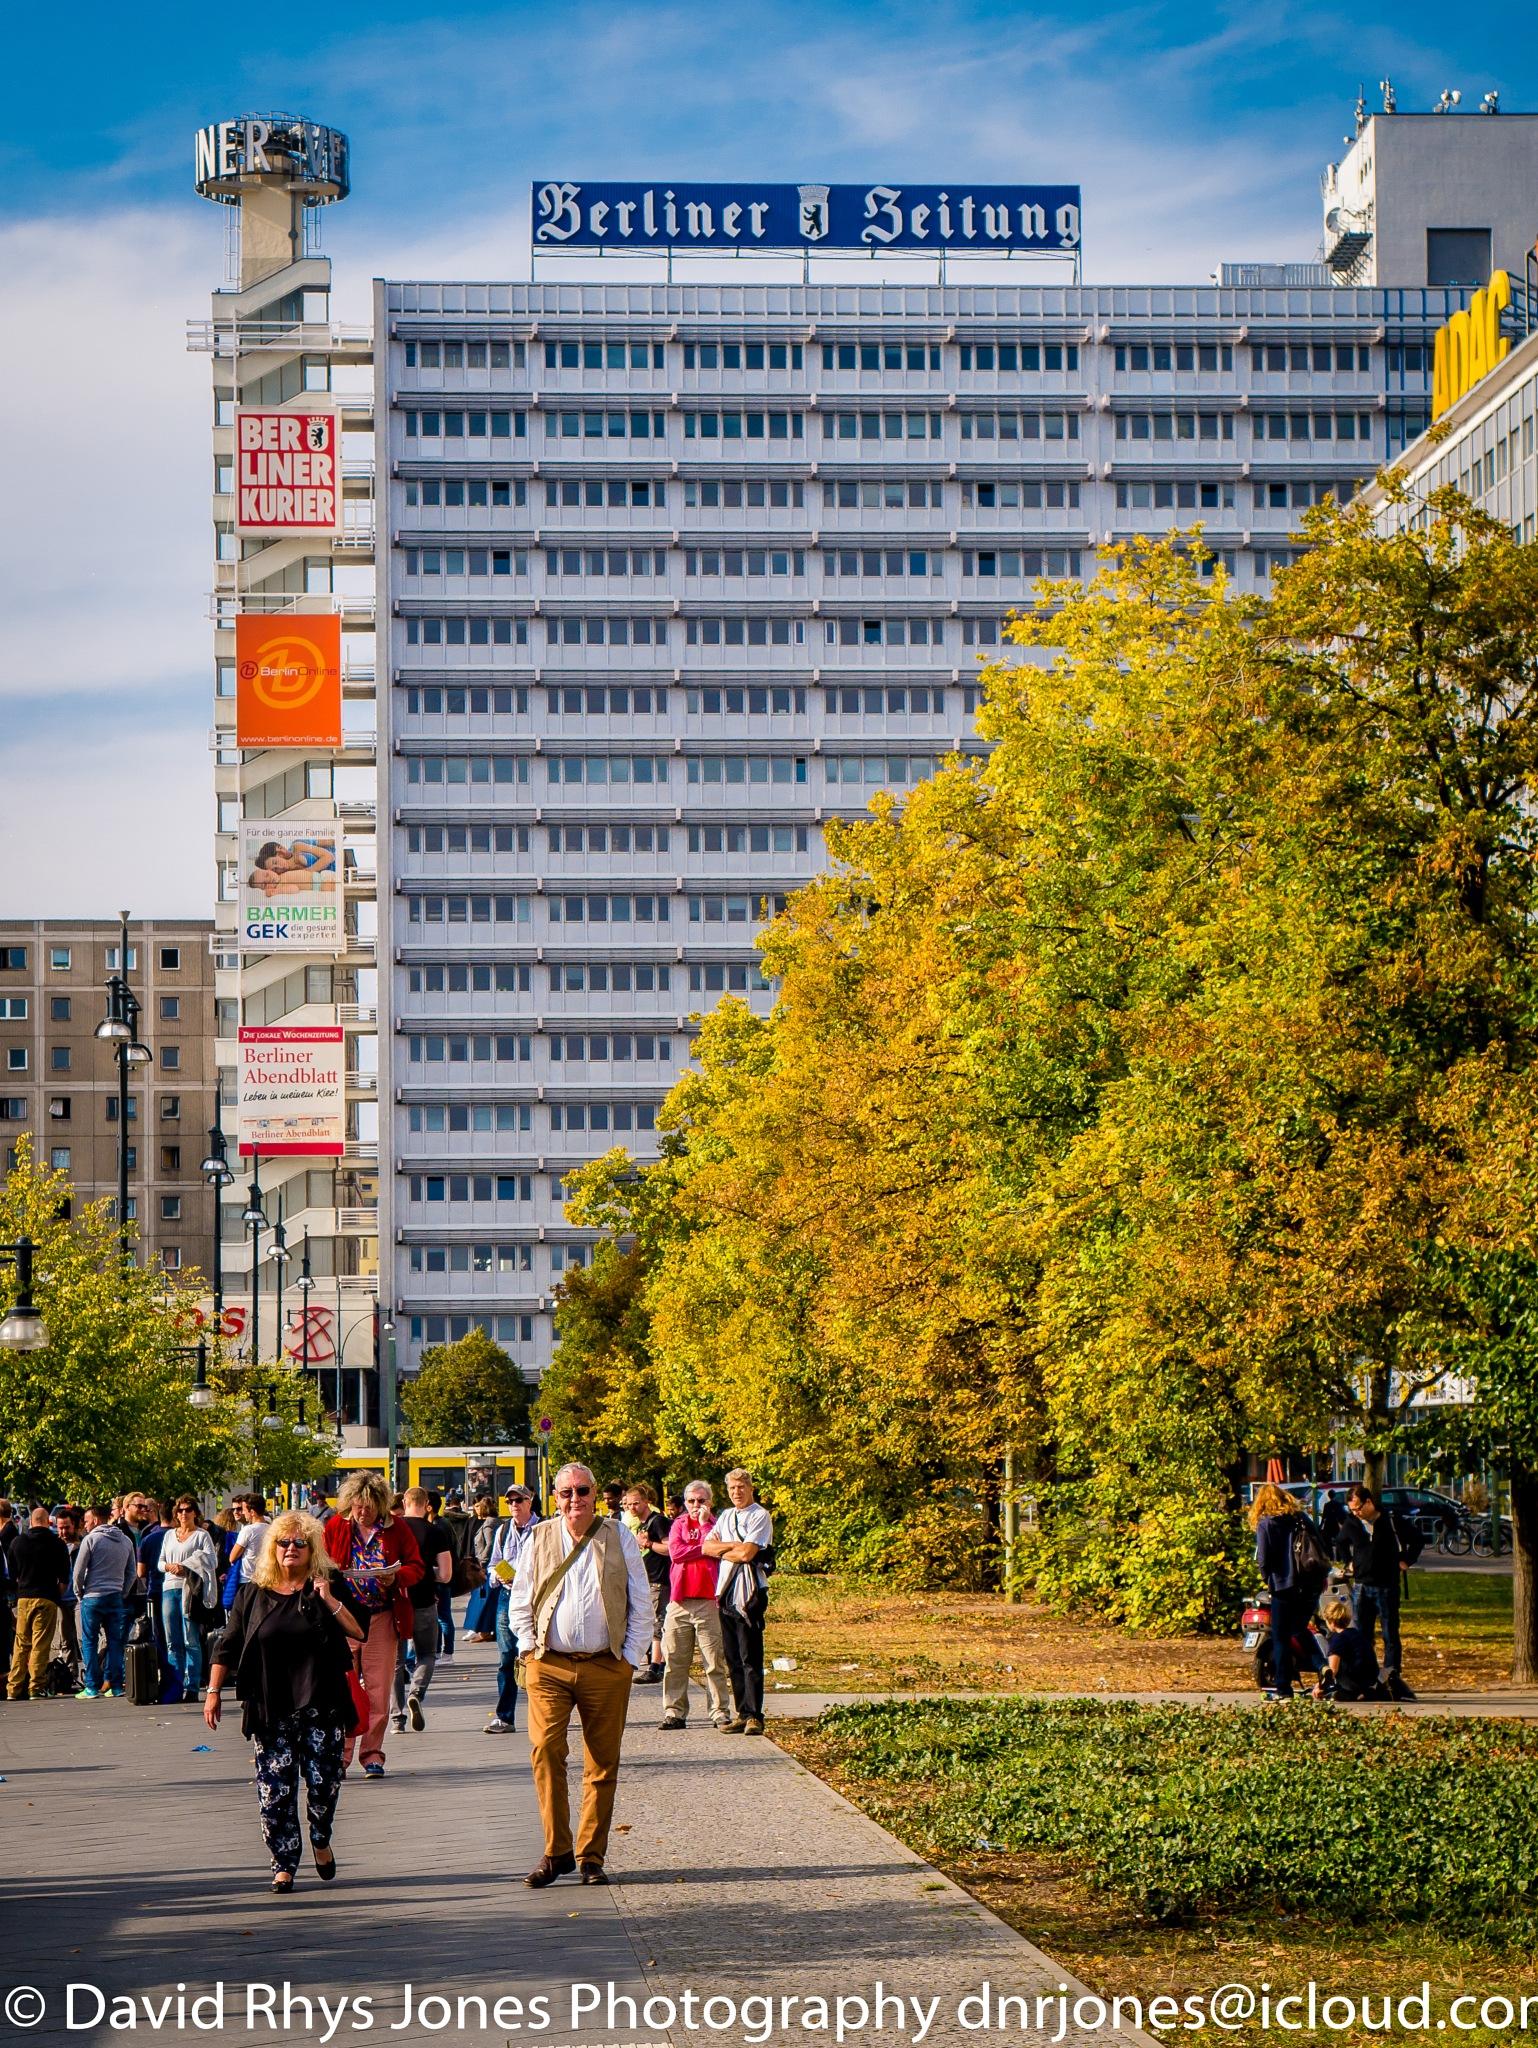 Berlin in the sun by DRJonsey